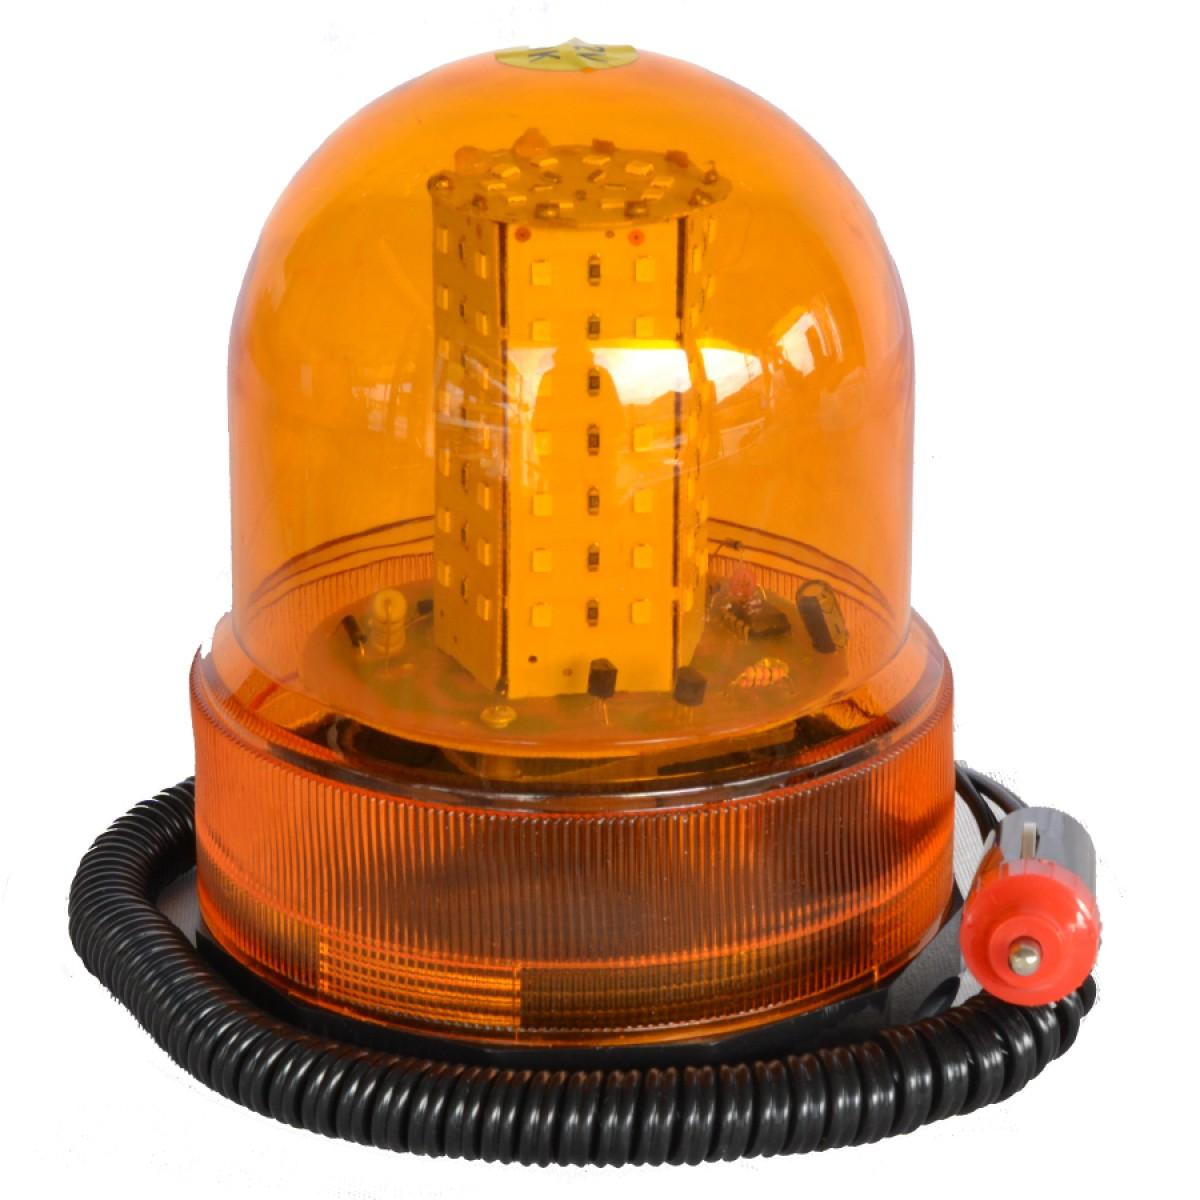 Φάρος LED 12V Μαγνητικός(Δείτε video)